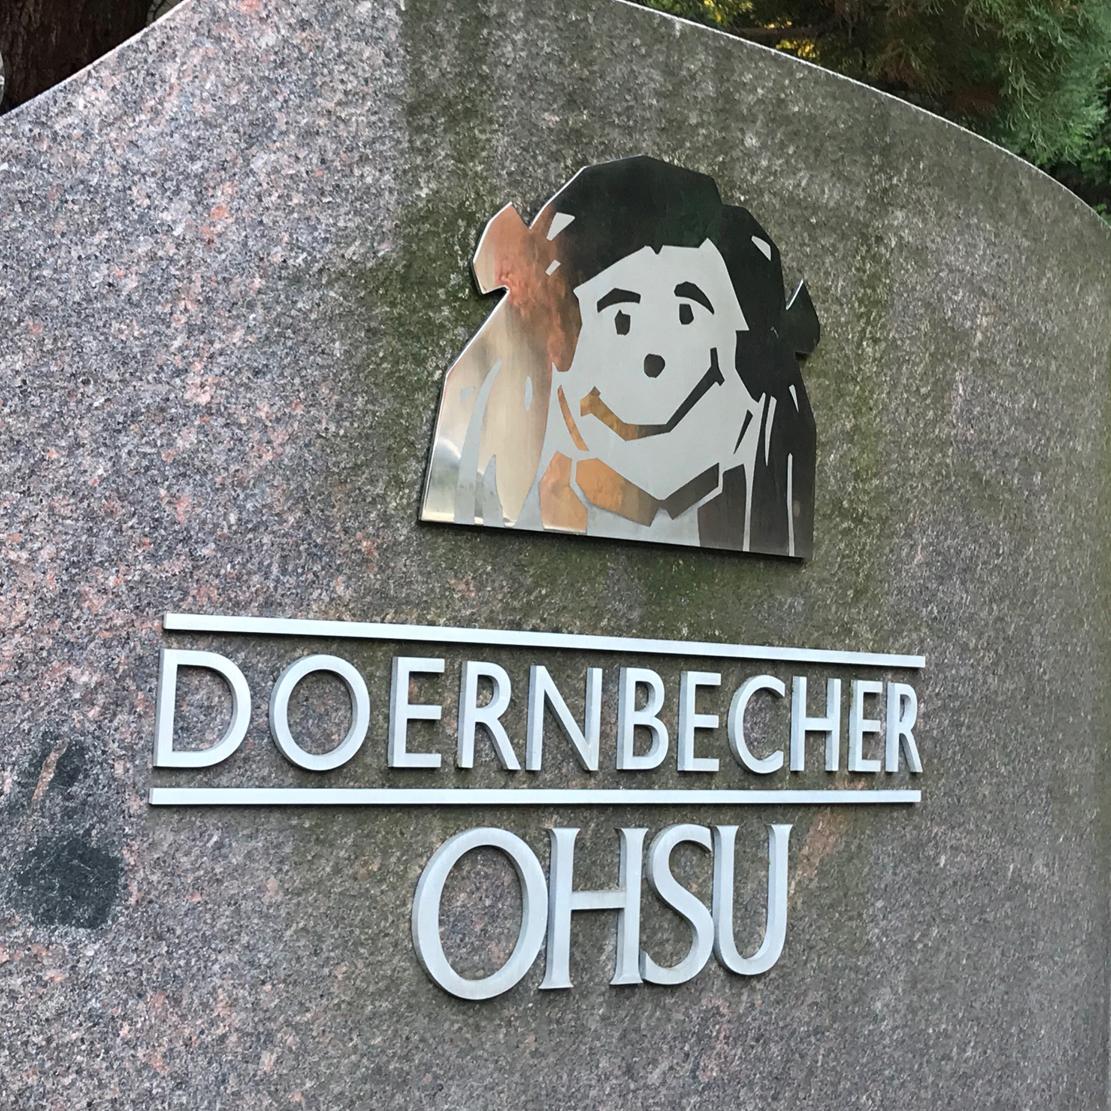 OHSU Doernbecher Children's Hospital_Support OHSU Doernbecher Children's Hospital through Refer a Friend_October 2019